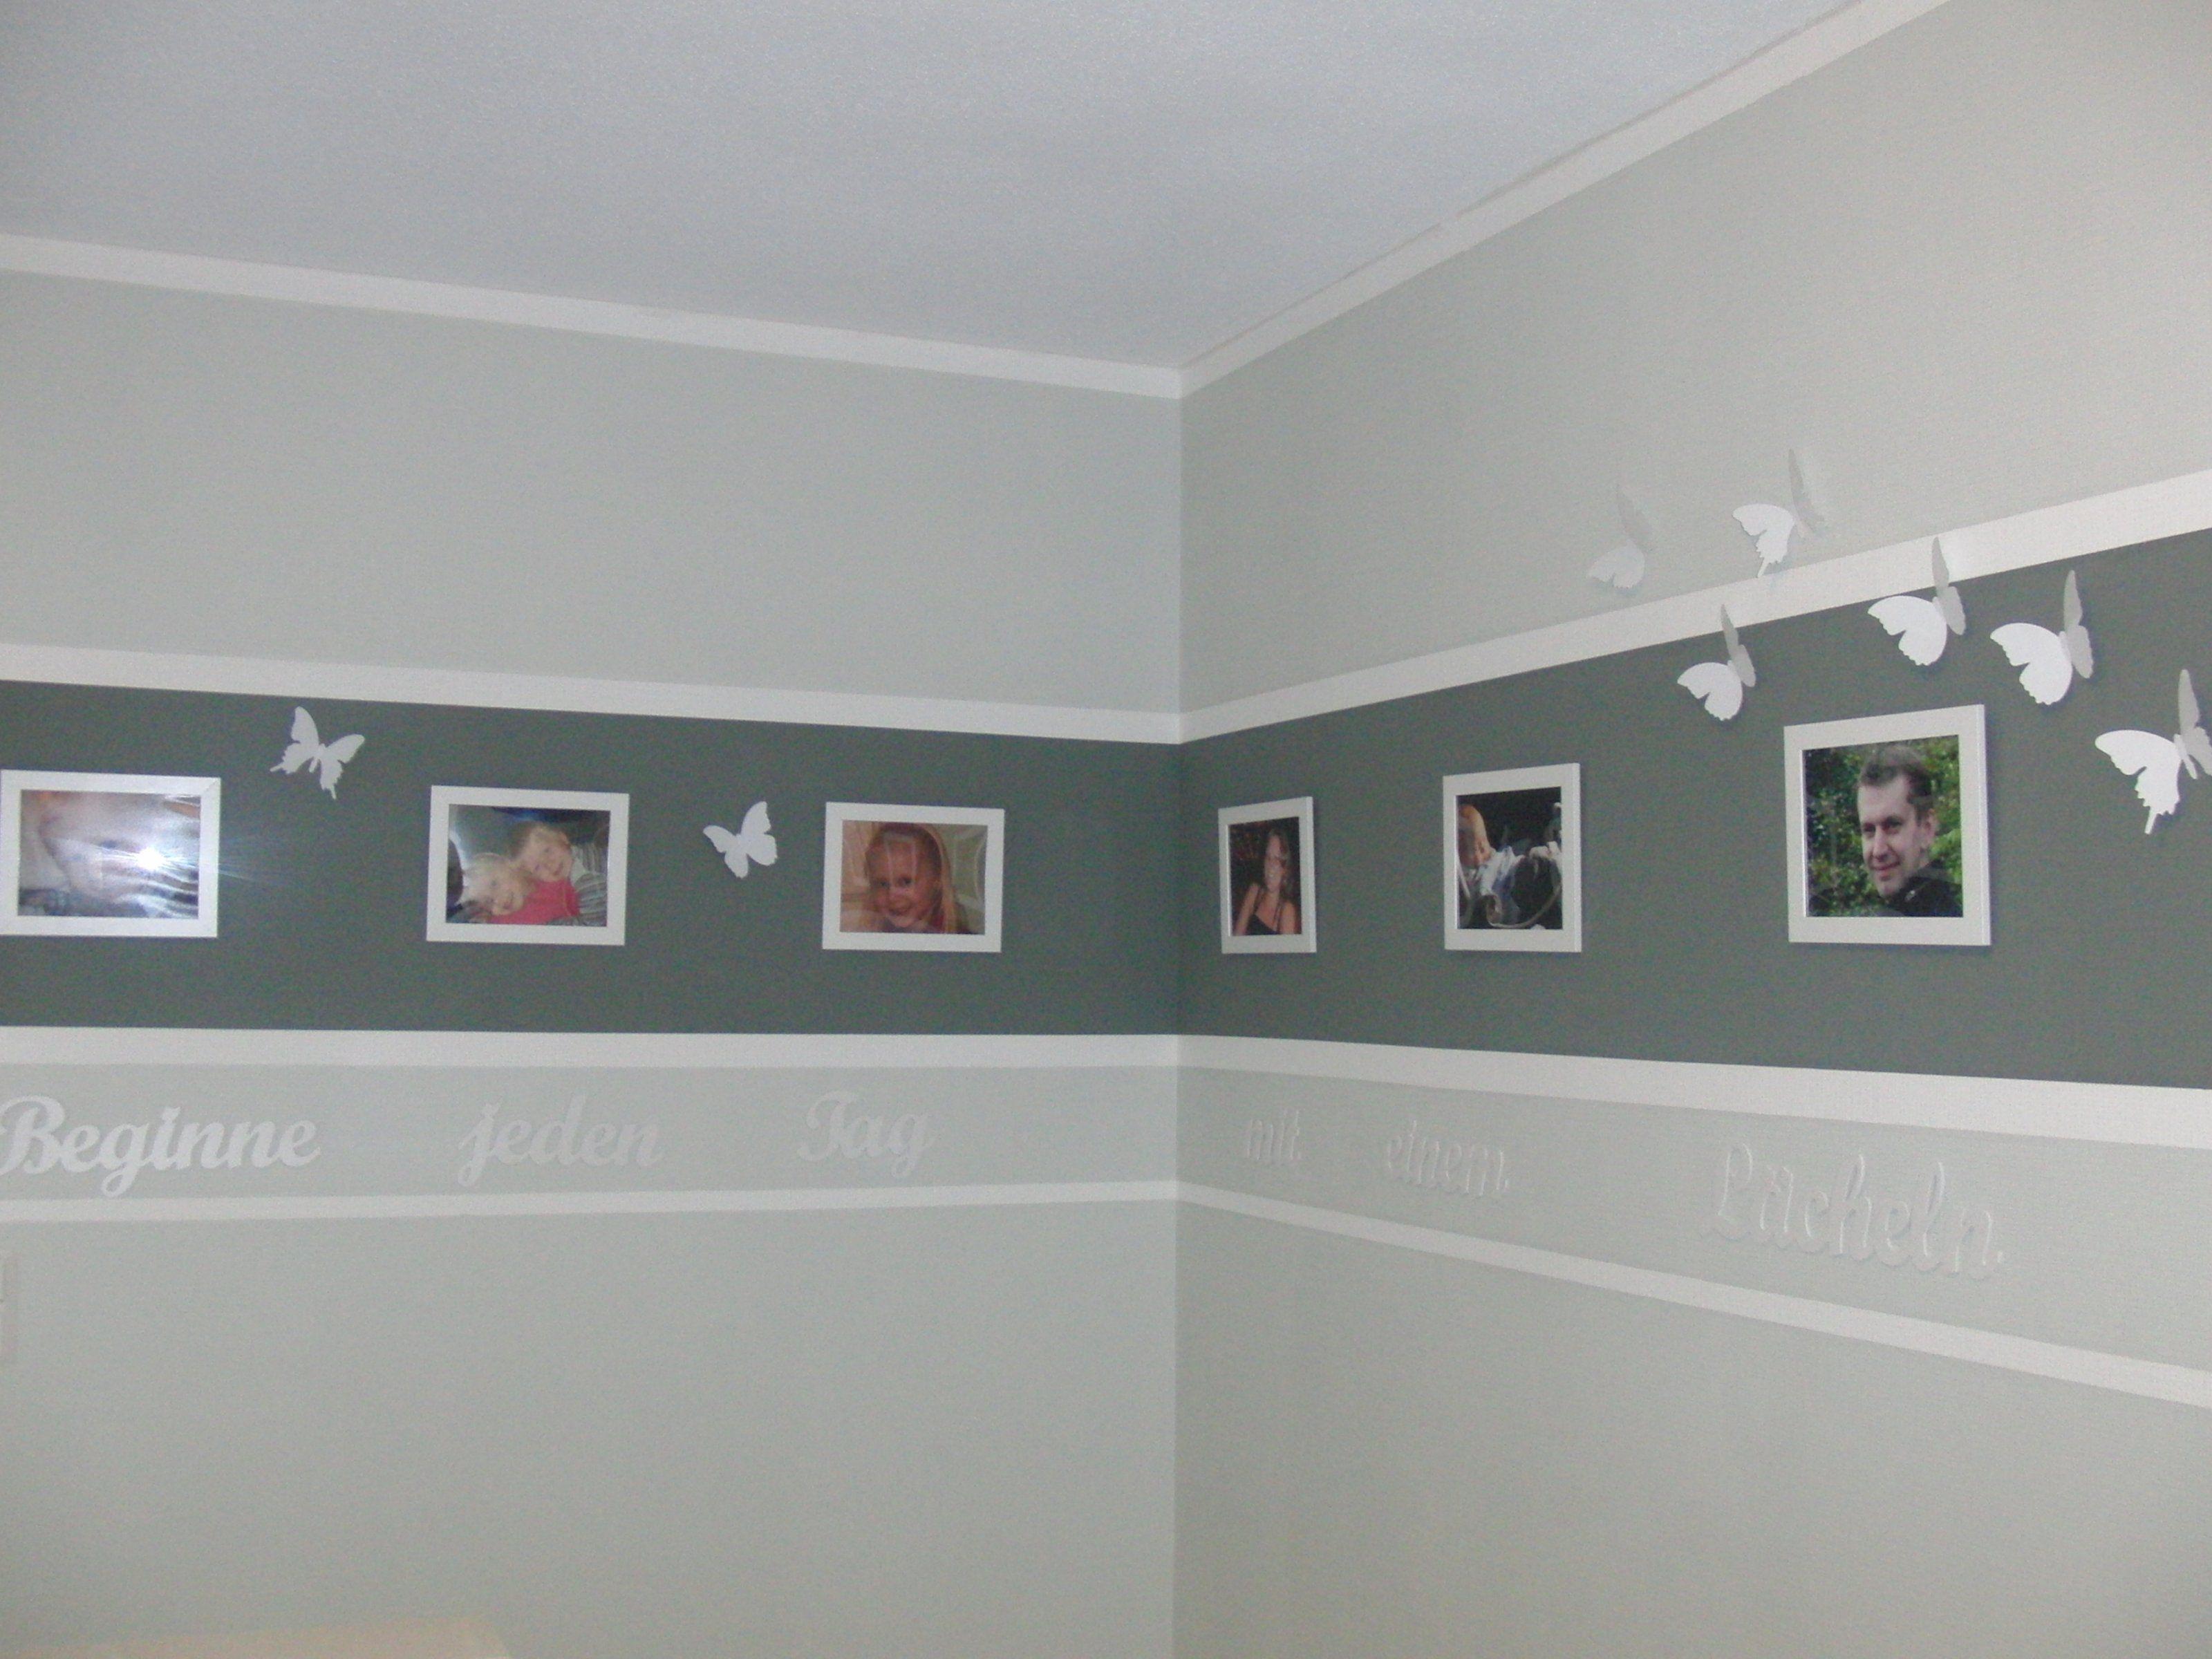 Flur Idee Wandgestaltung Ideen Kinder Zimmer Zimmergestaltung